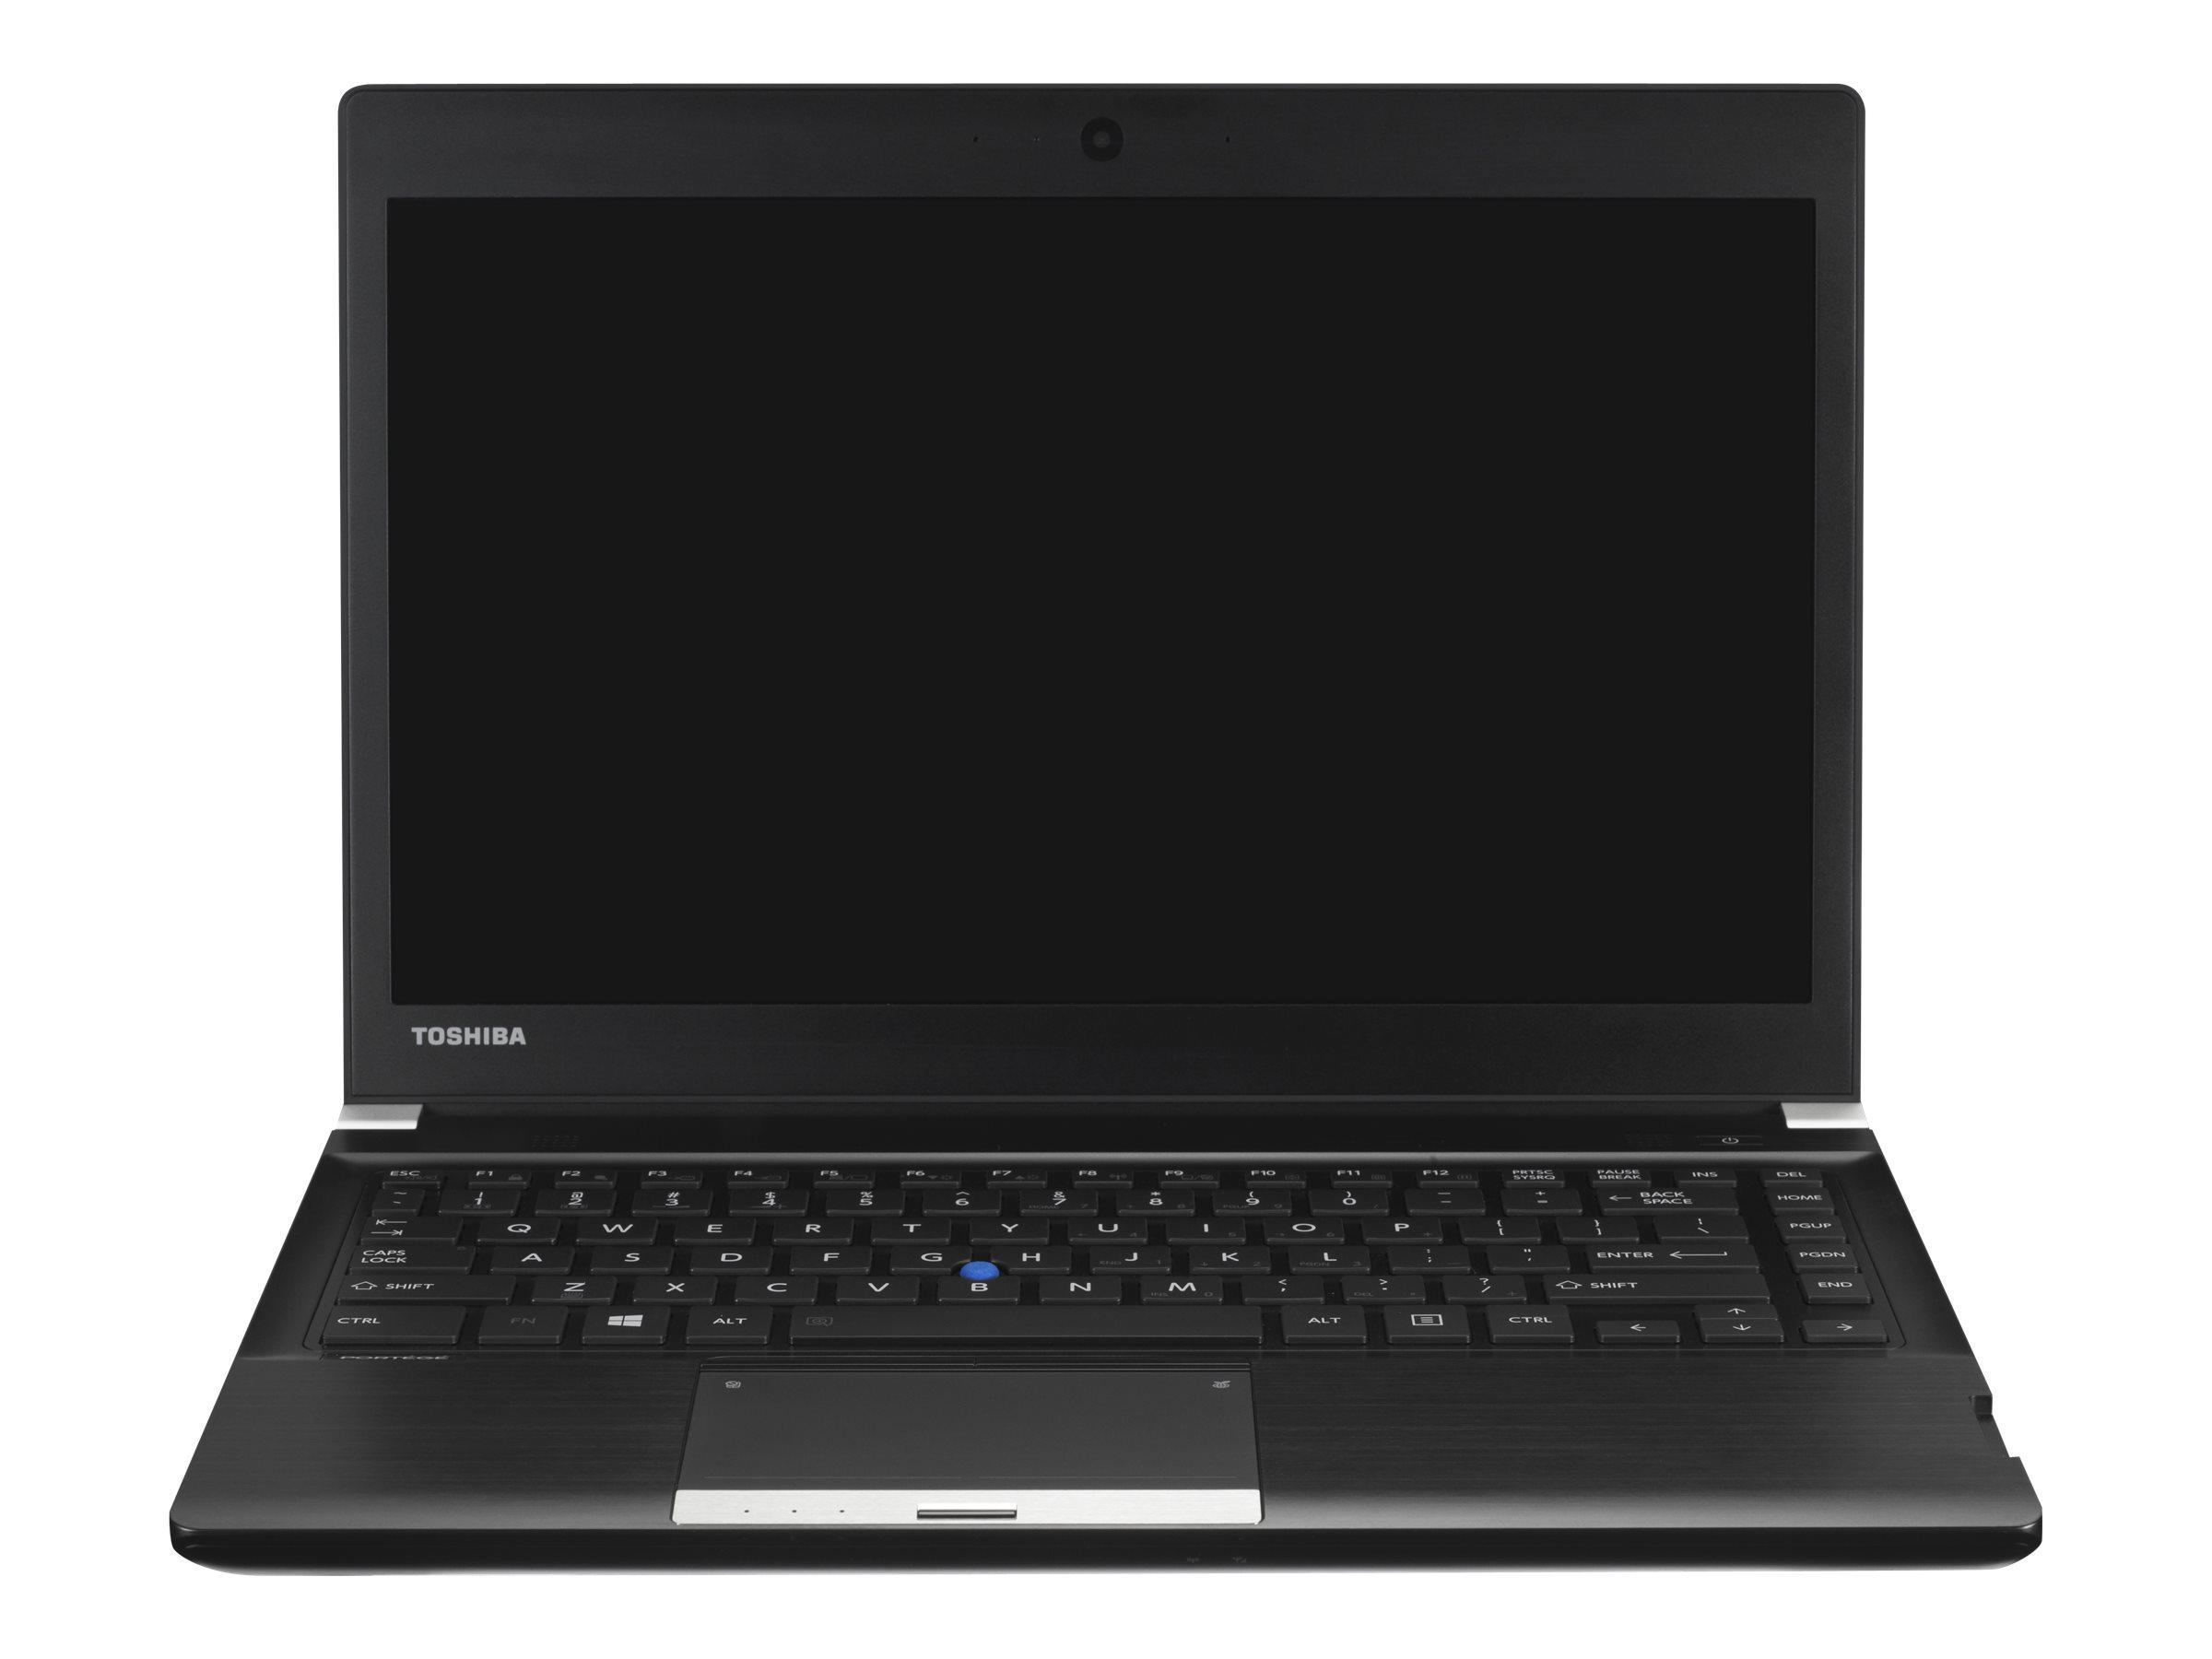 Laptop Toshiba Portege R30, Intel Core i5-4310M 2.70GHz, 4GB DDR3, 250GB SATA, 13 Inch